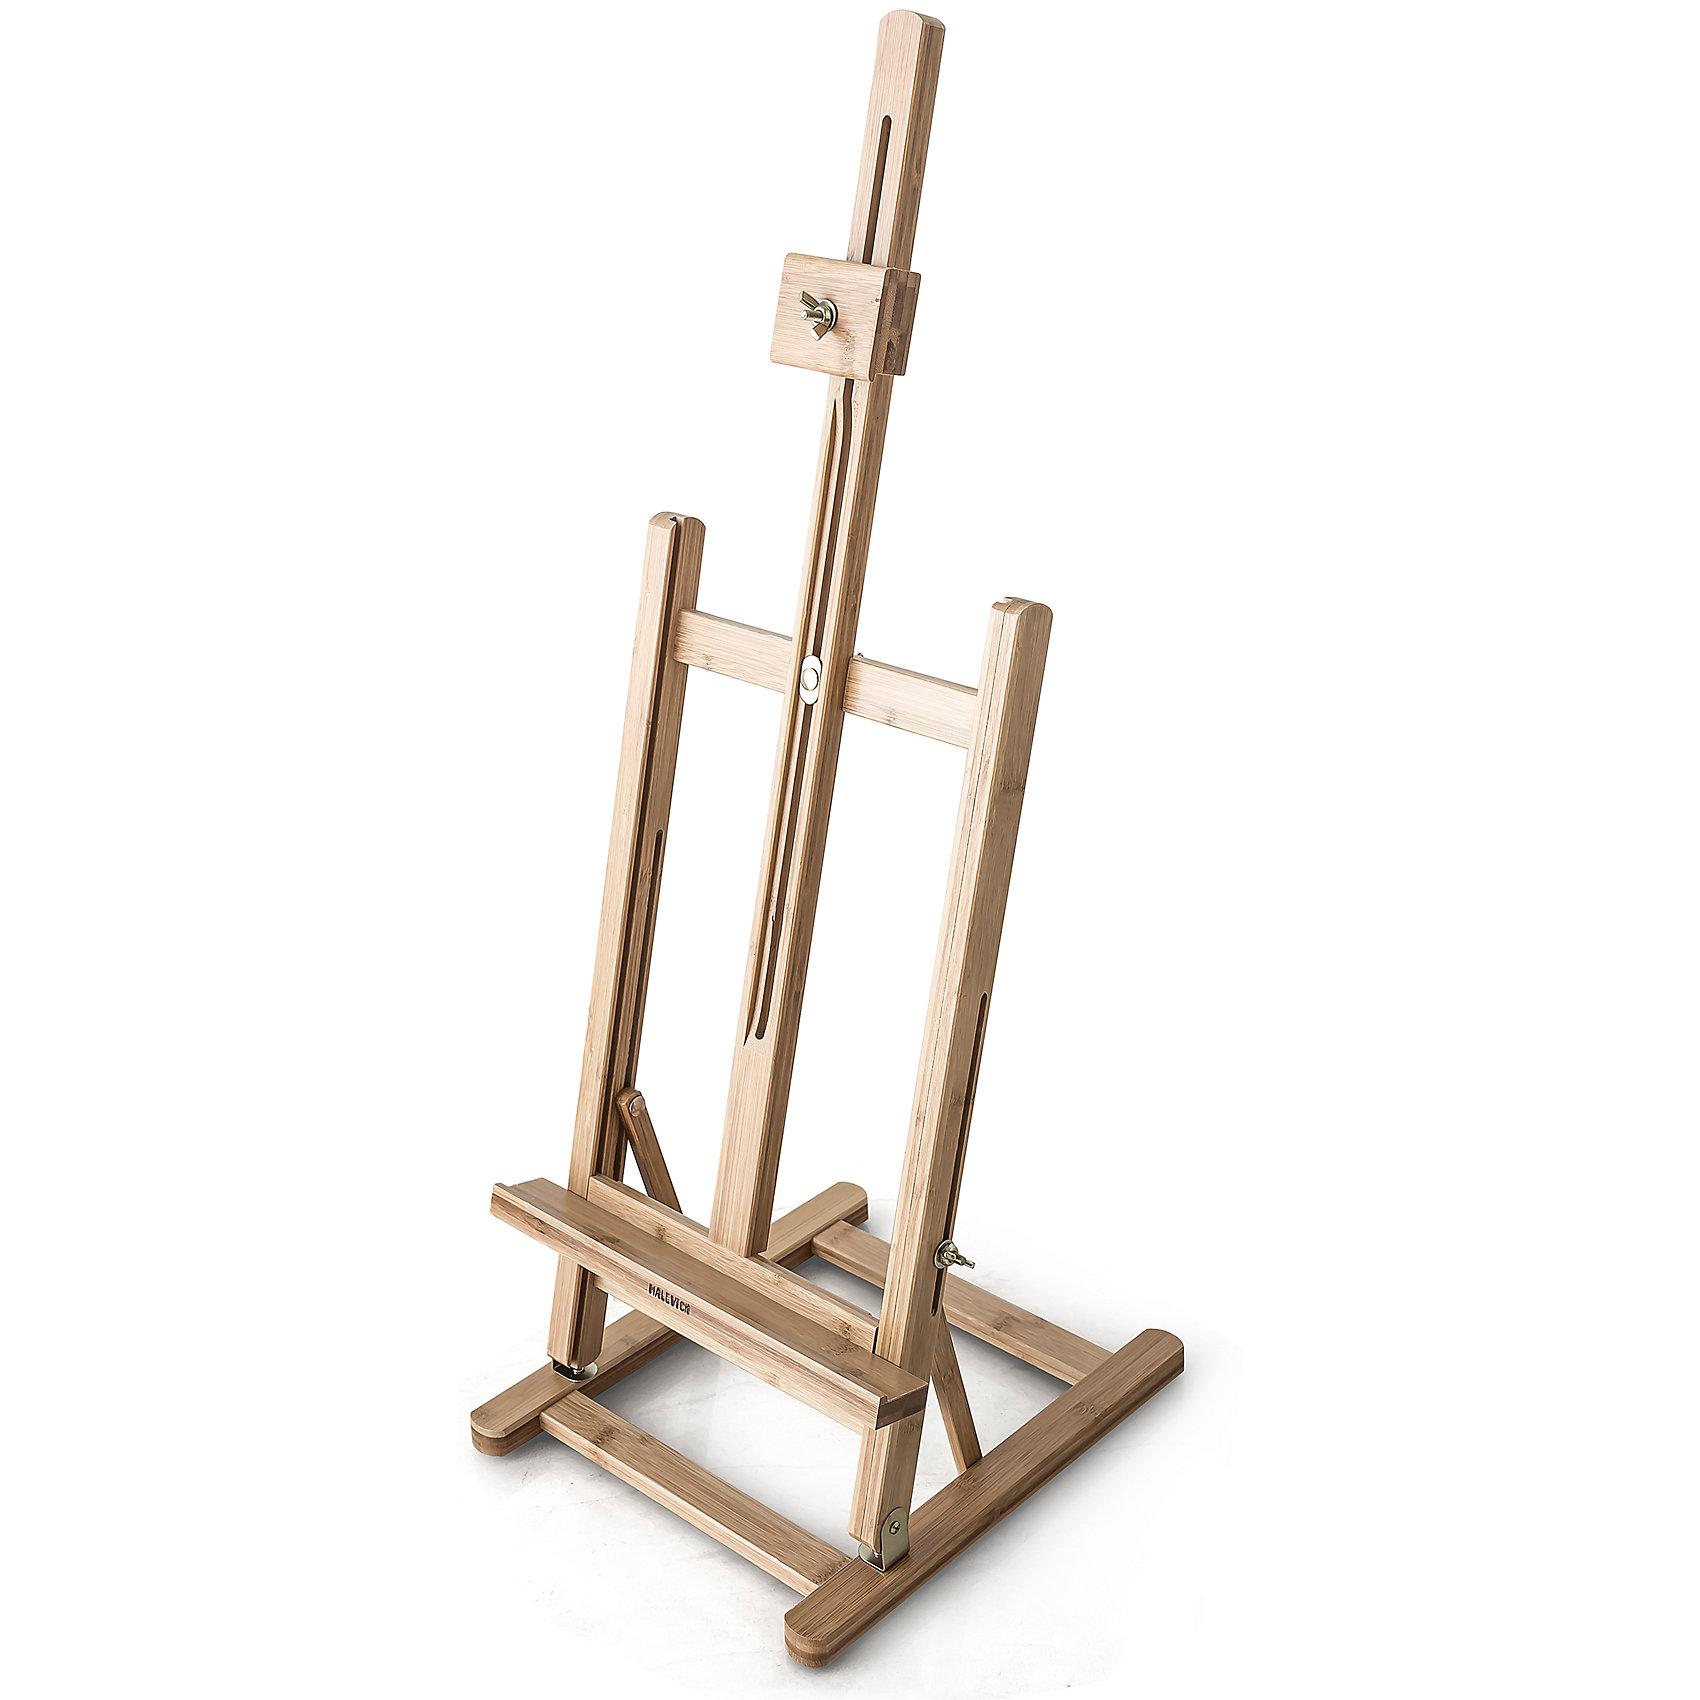 Настольный мольберт МЛ-58Мольберты<br>Компактный мольберт из натурального материала с металлической фурнитурой. Представляет собой настольный аналог больших студийных мольбертов для работы с полотнами небольшого формата. Изготовлен из прочной бамбуковой древесины и оснащен системой регулировки наклона холста и высоты полочки, а также фиксатором холста. Благодаря квадратному основанию, оснащенному предотвращающими скольжение упорами, мольберт особенно устойчив. Может стать изюминкой стильного интерьера в качестве подставки для картин, фотографий или календарей.<br><br>Габариты:<br><br>Высота – 75-95 см<br>Основание – 27,5 х 32 см<br>Полка – 29 х 3 см<br>Максимальная высота холста – 50 см<br>Вес – 1,5 кг<br><br>Настольный мольберт МЛ-58:<br><br>• прочный и красивый<br>• из натурального бамбука<br>• с устойчивой к коррозии металлической фурнитурой <br>• с регулируемым наклоном холста и высотой полки<br>• может служить подставкой для фотографий<br><br>Ширина мм: 670<br>Глубина мм: 305<br>Высота мм: 77<br>Вес г: 1500<br>Возраст от месяцев: 84<br>Возраст до месяцев: 2147483647<br>Пол: Унисекс<br>Возраст: Детский<br>SKU: 6757423